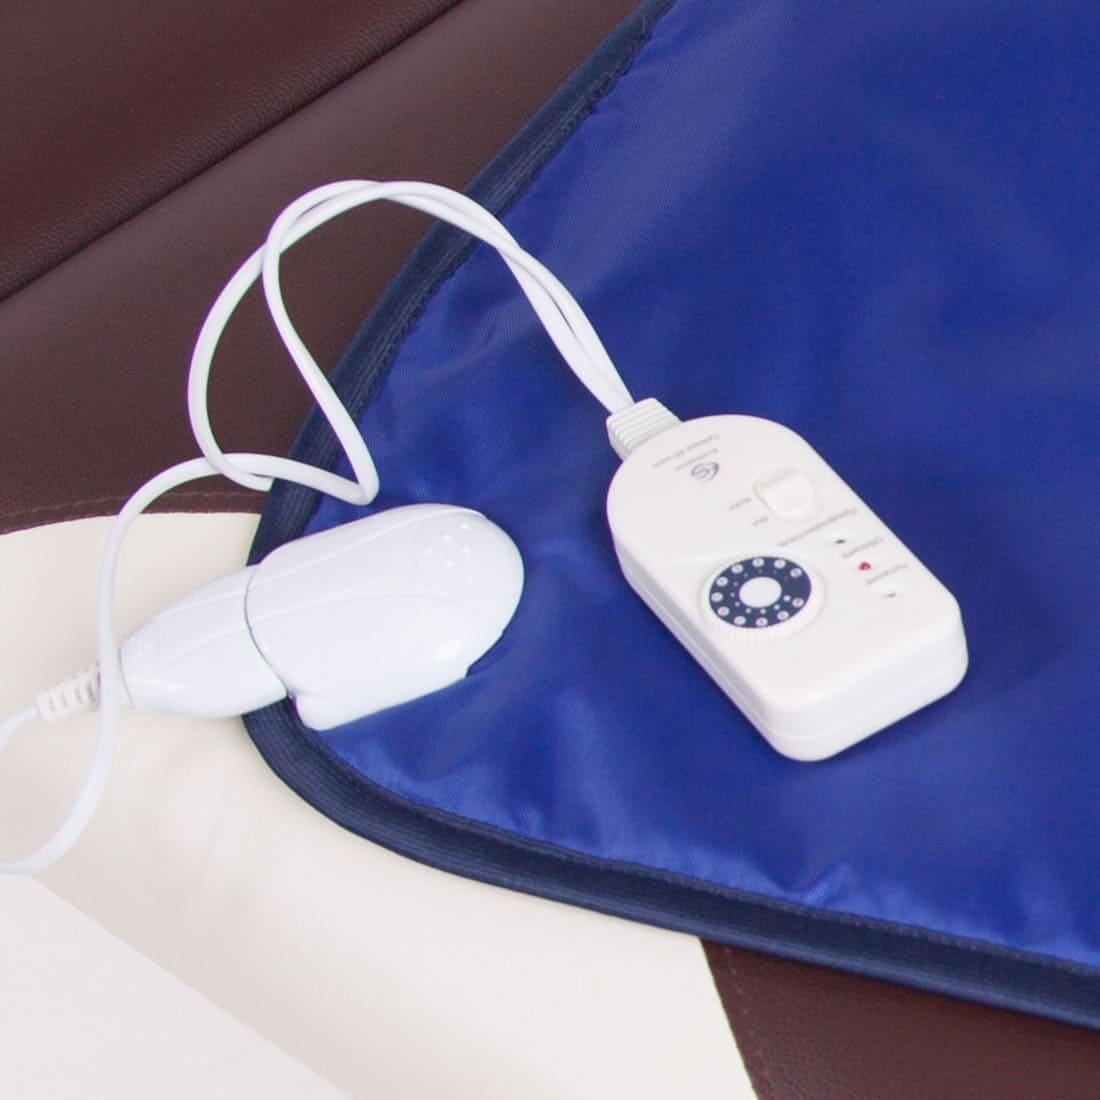 Электрическая грелка для косметологии Hot Mat 50 * 80 см EcoSapiens, 9 режимов, автоотключение, непромокаемый материал, электрогрелка для косметологии ES-302